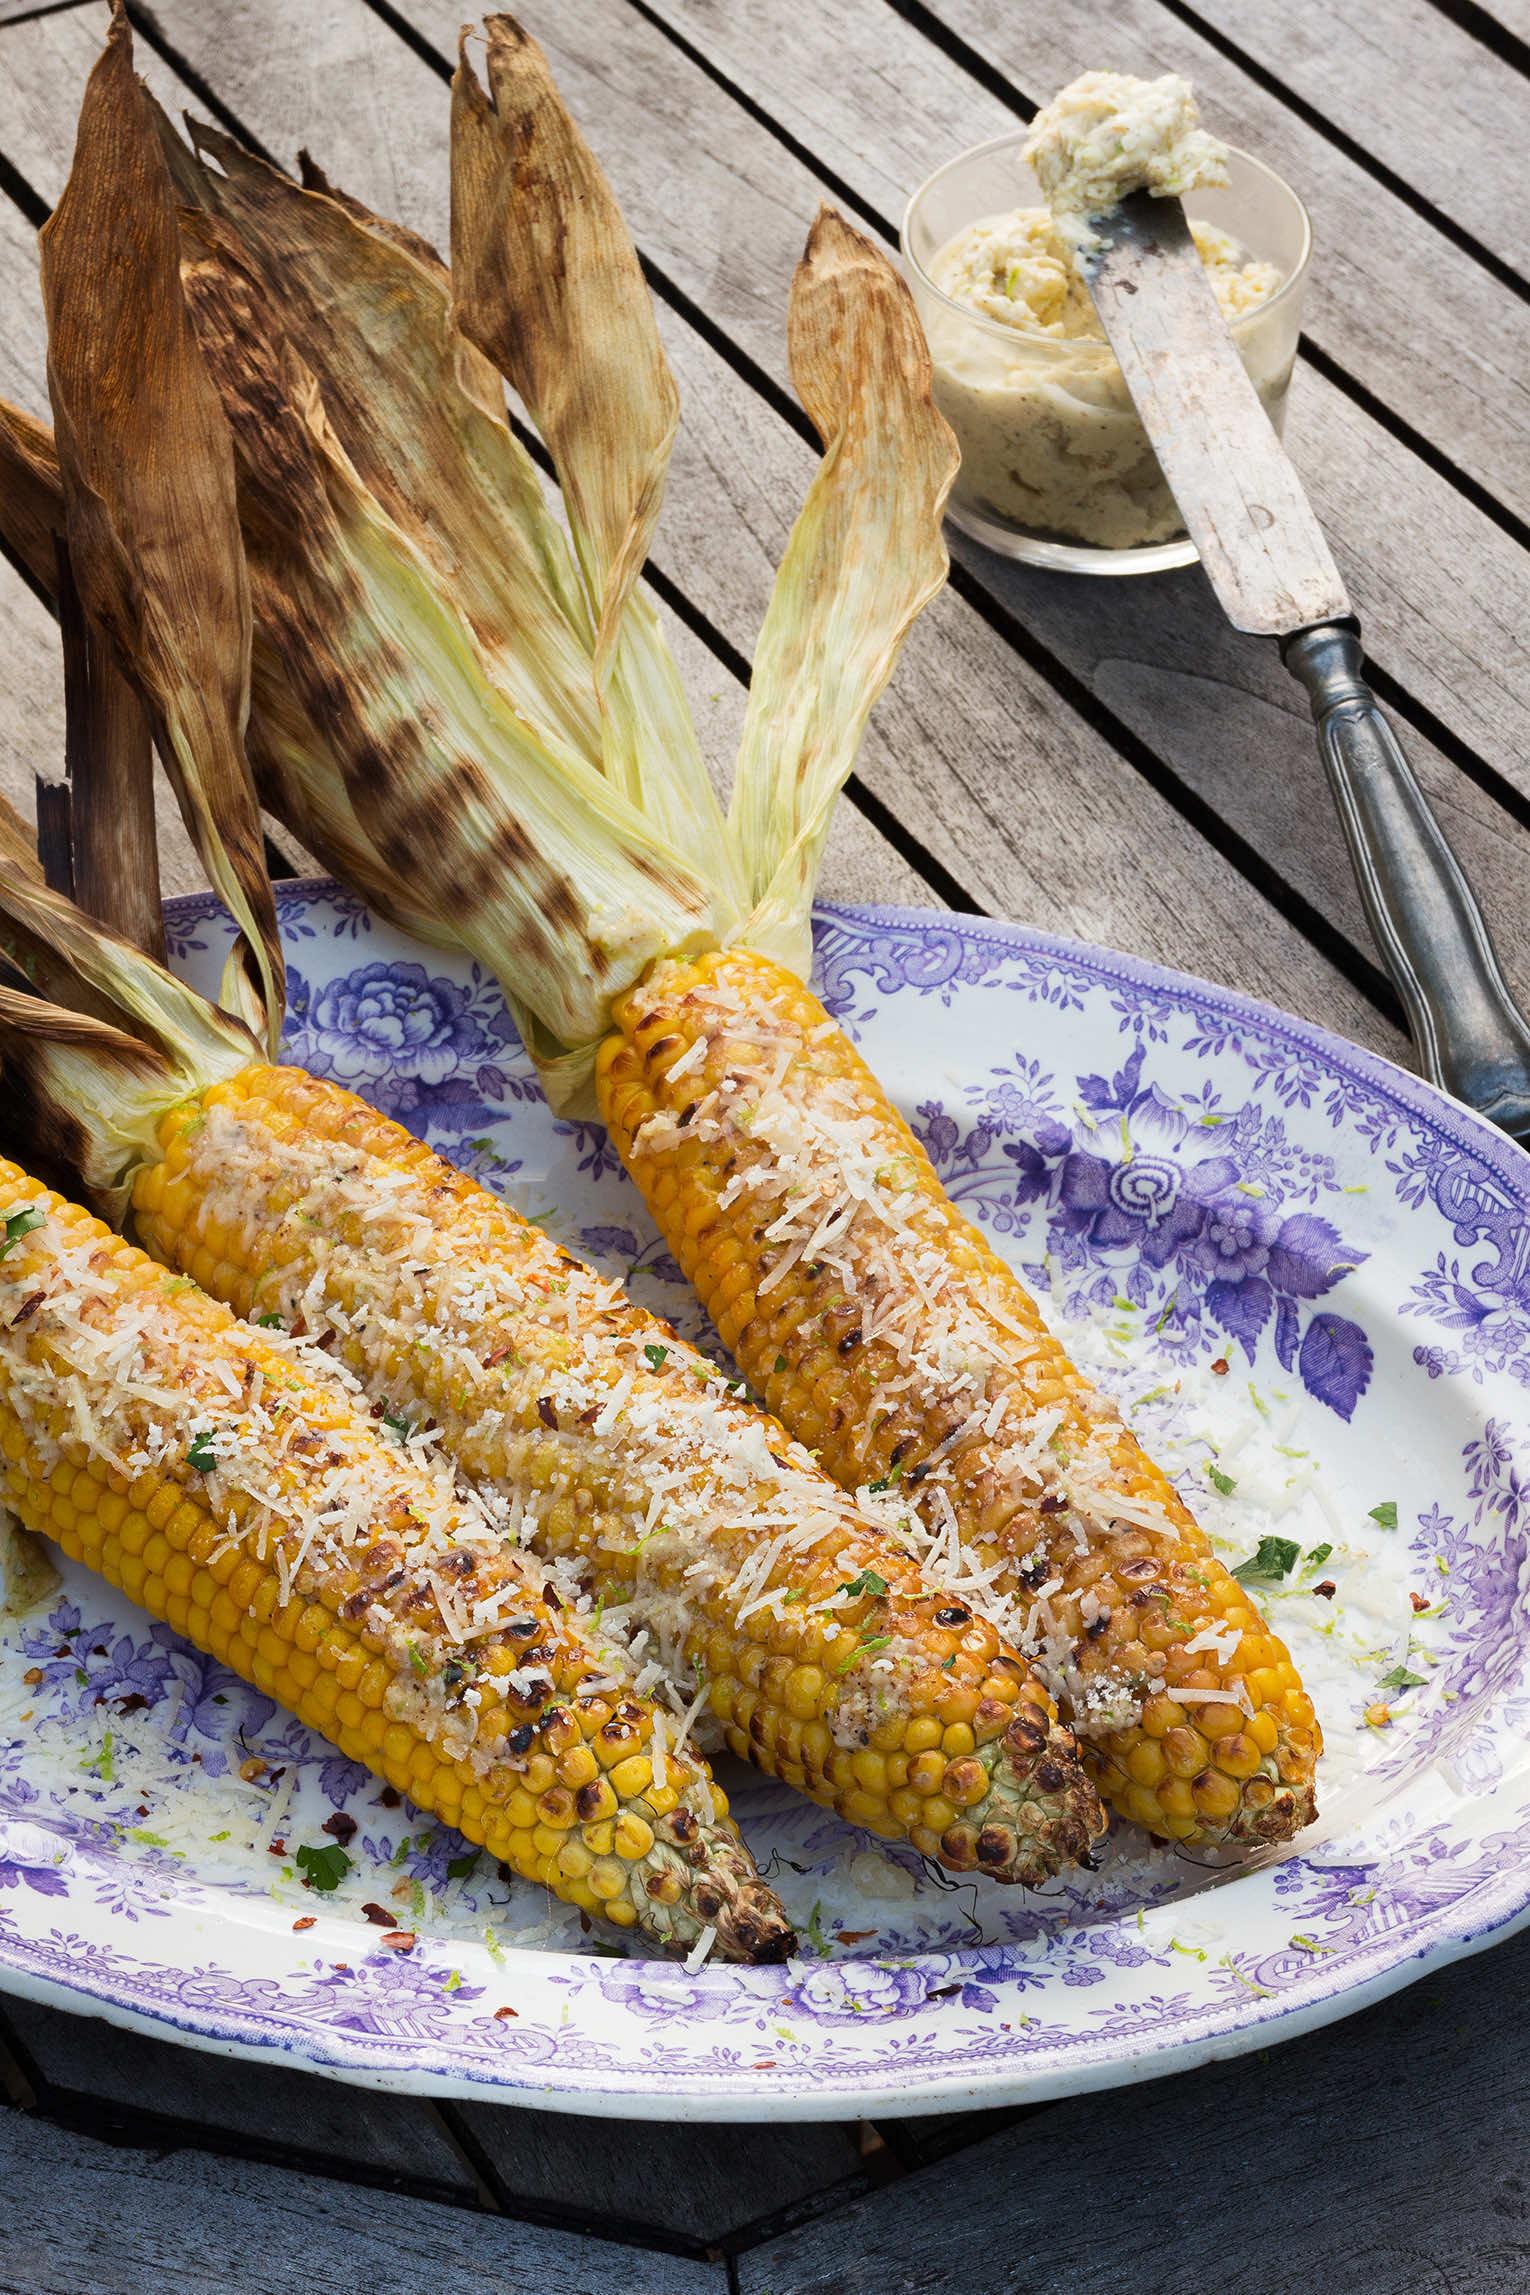 Grillad majs med parmesansmör